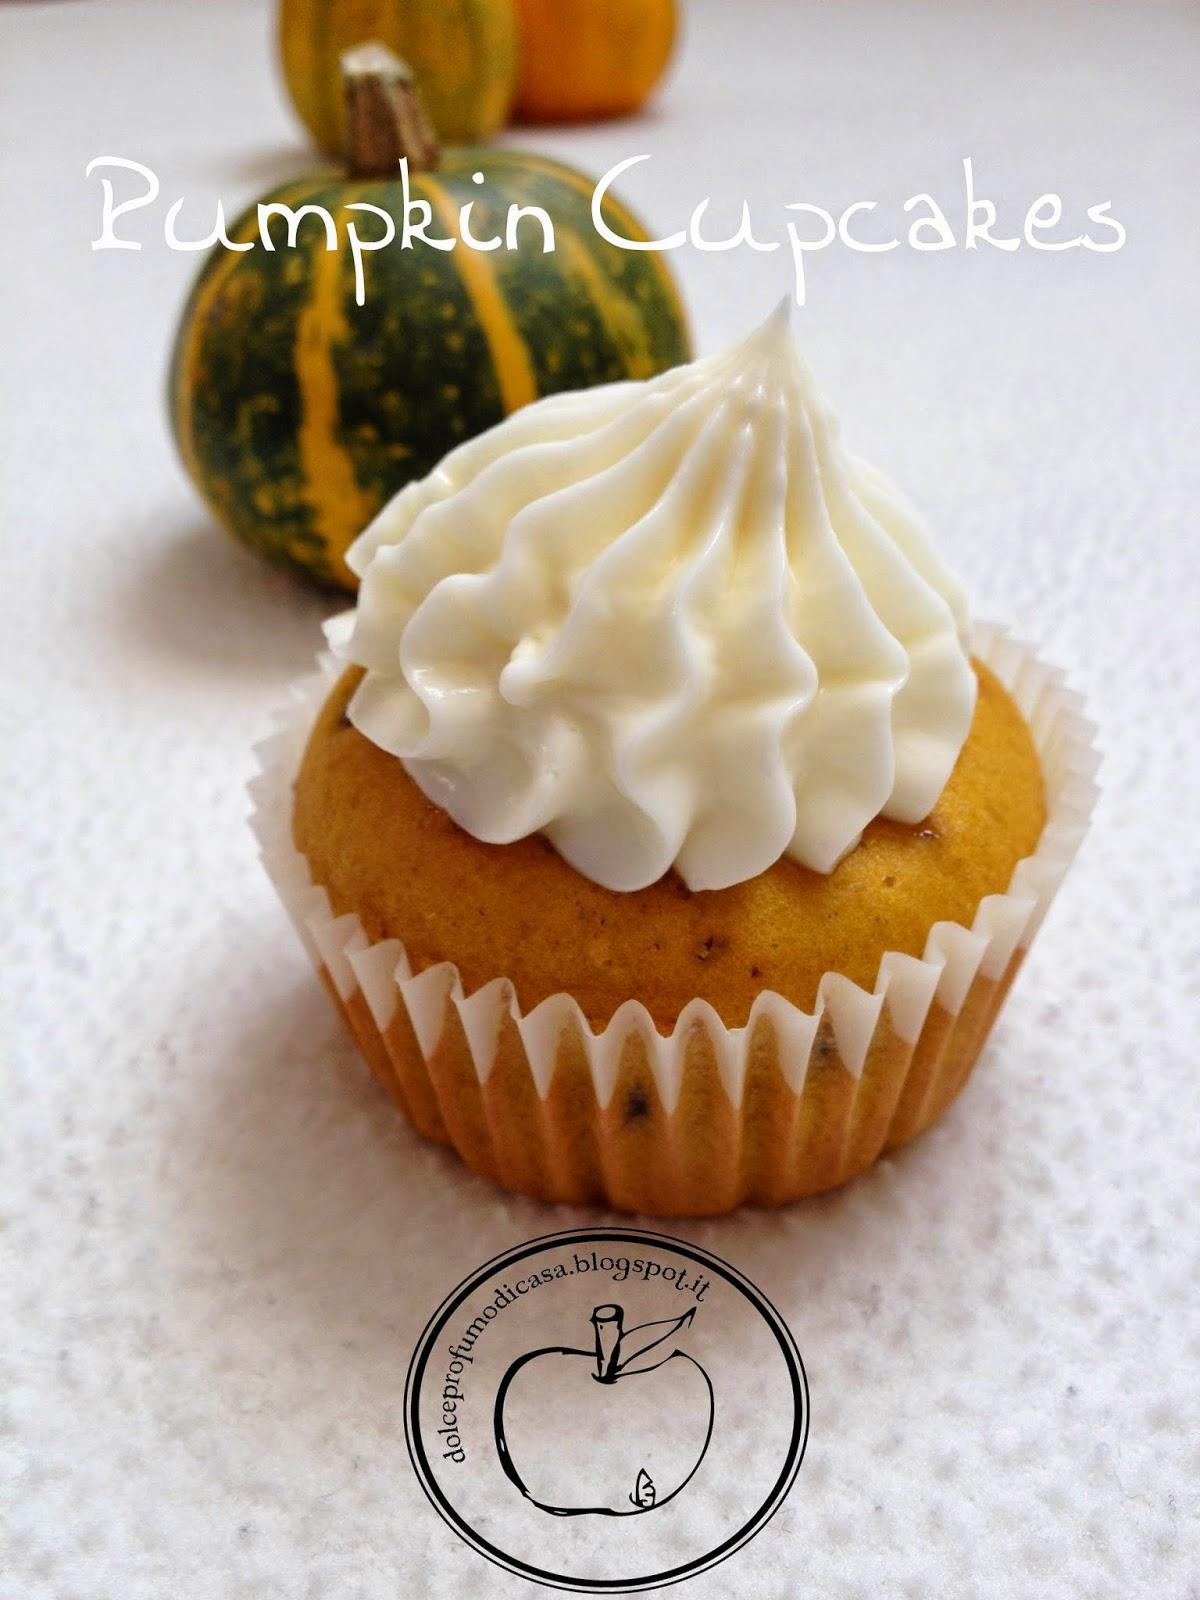 martha stewart's pumpkin cupcakes